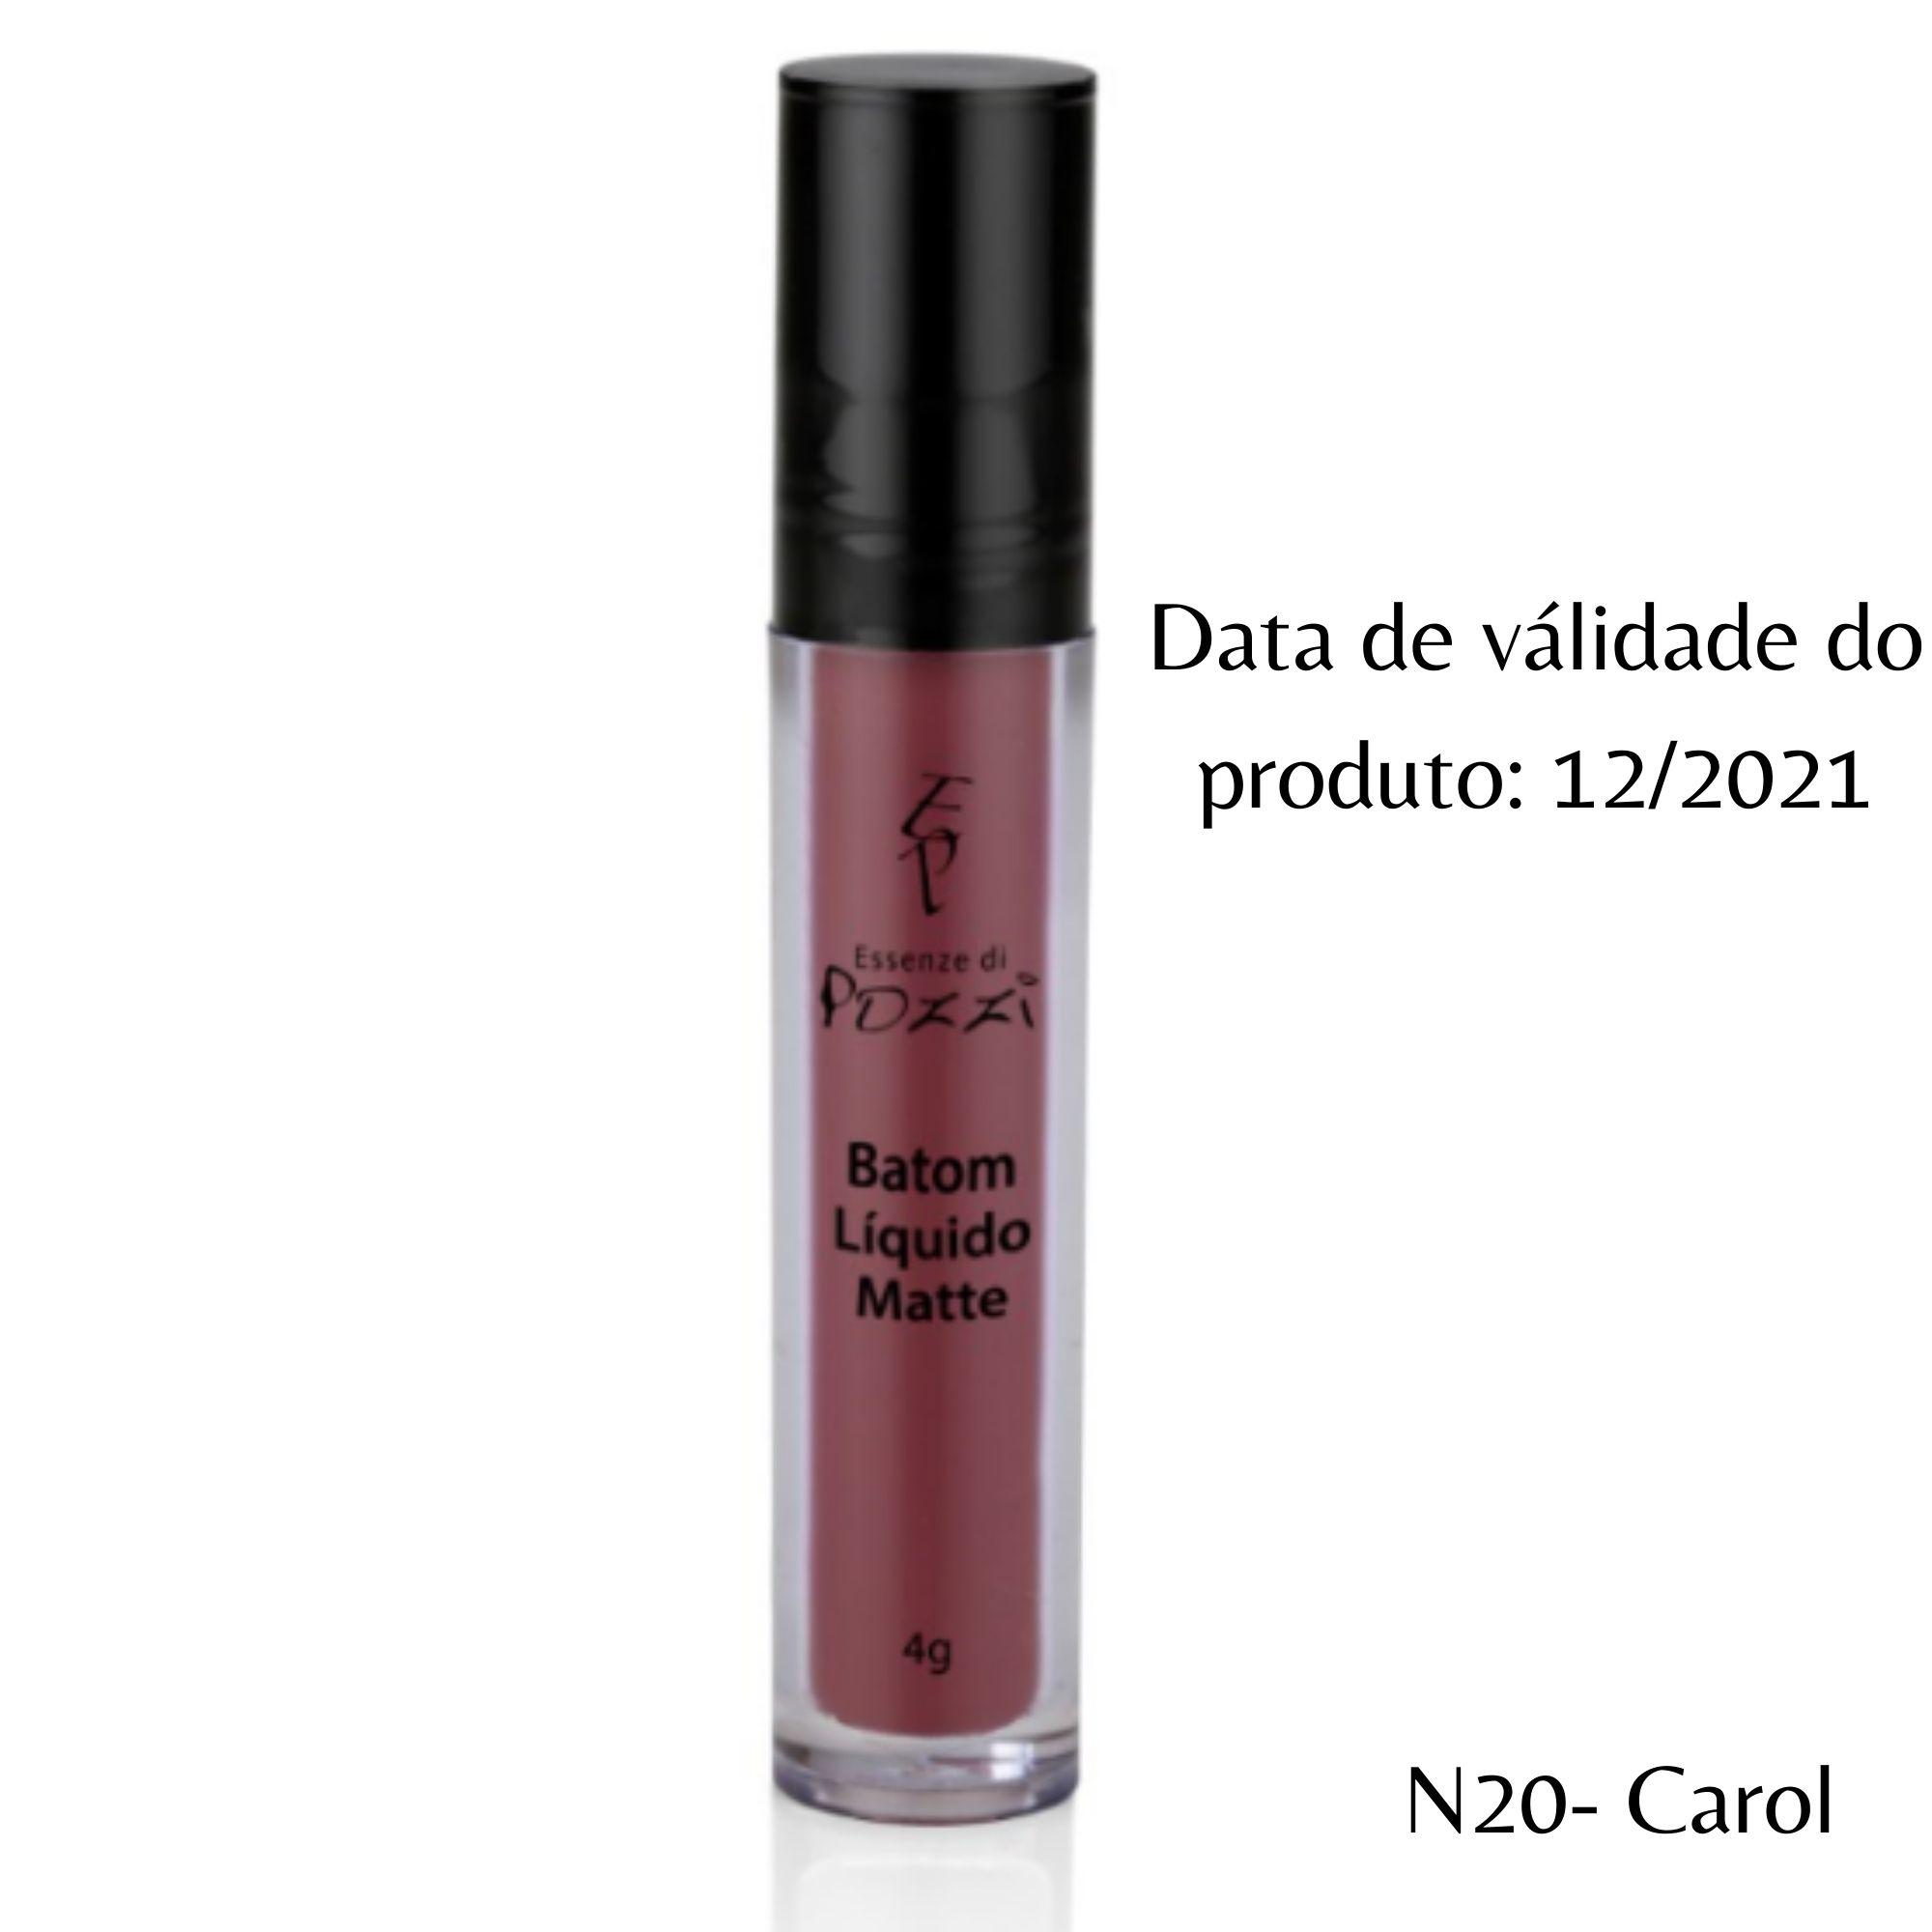 Pozzi - Batom Liquido Matte N° 20 Carol - Válidade 11/2021